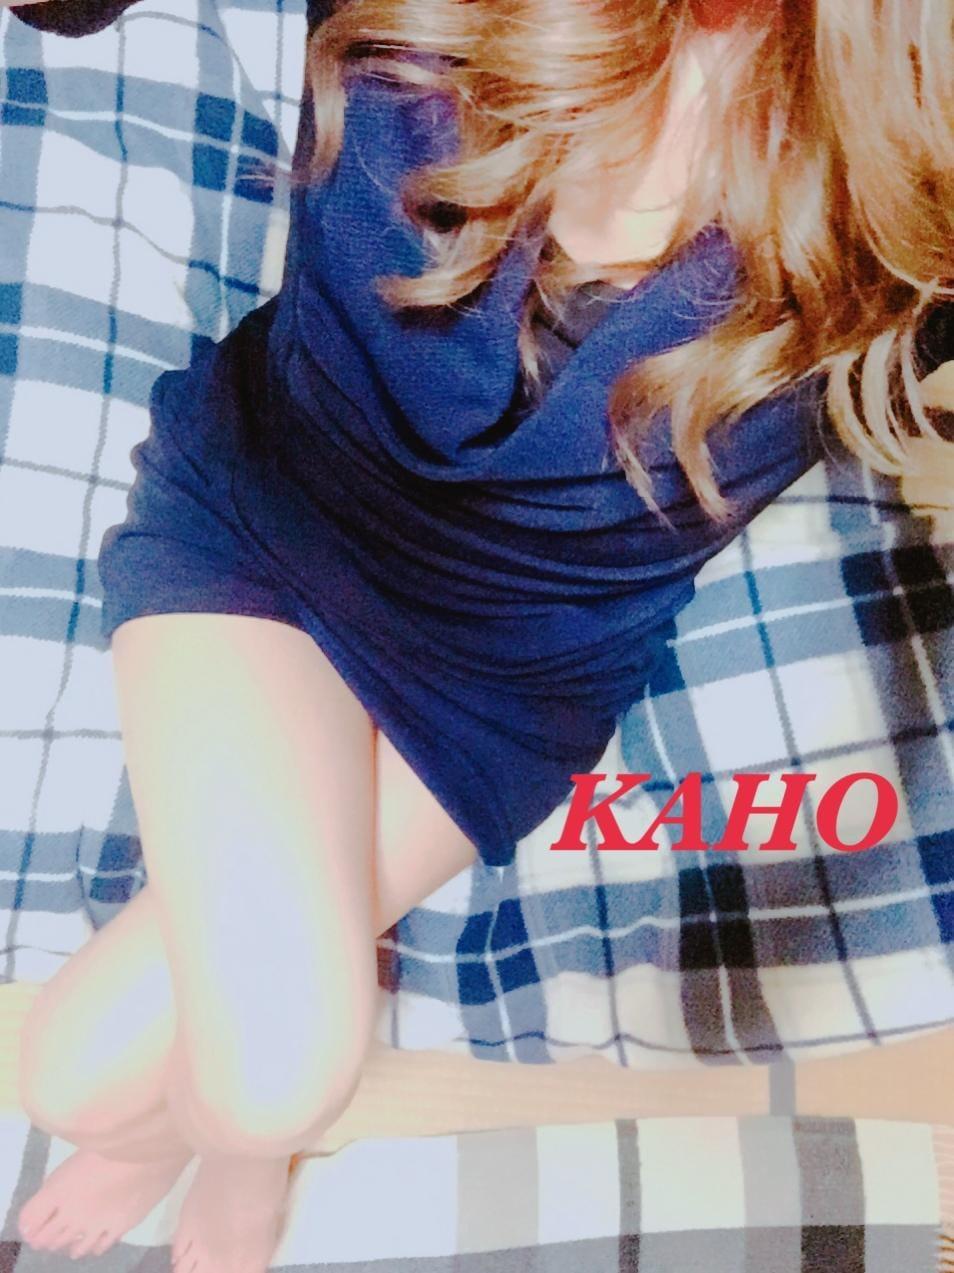 「こんにちは♪」12/22(火) 22:58 | かほの写メ・風俗動画